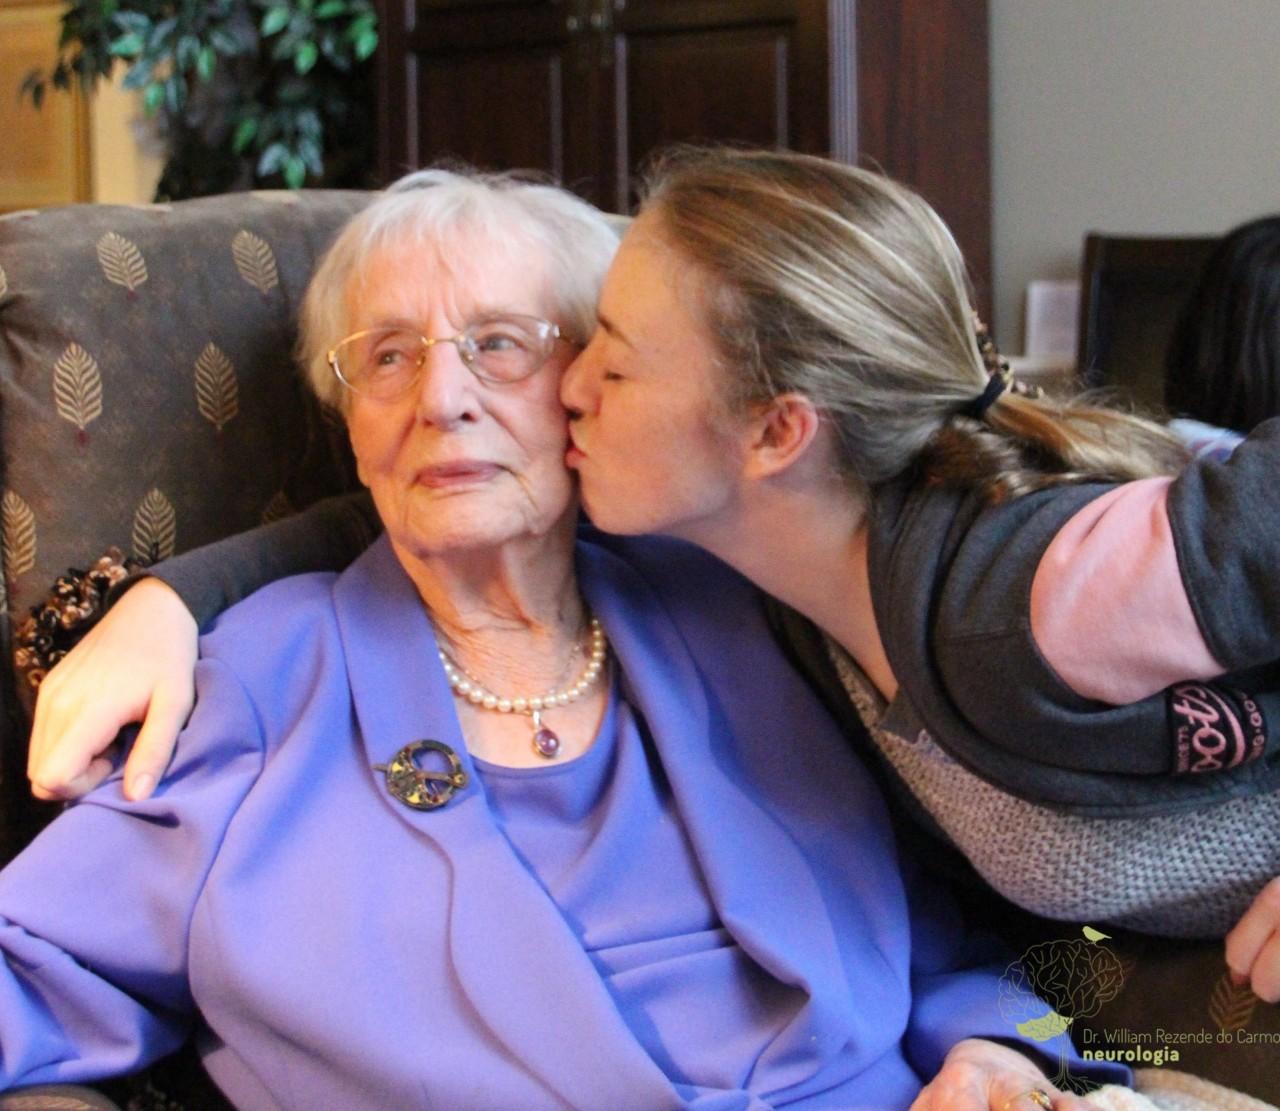 Paciente com Alzheimer precisa manter vínculos afetivos